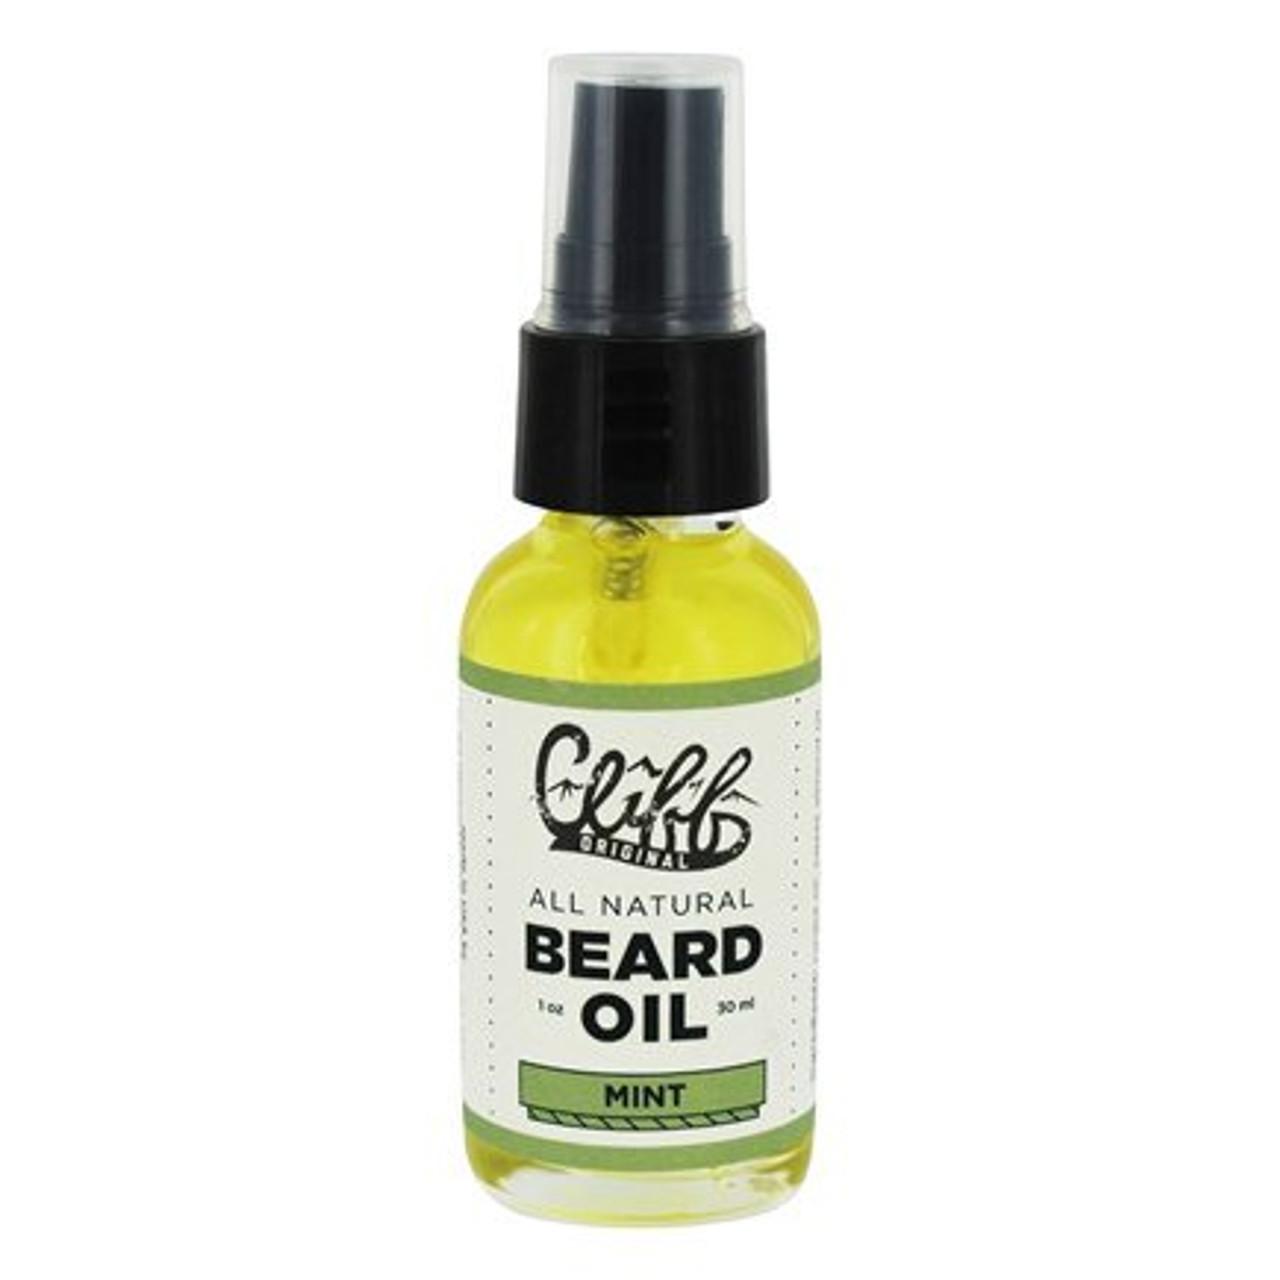 Cliff Beard Oil Mint 1oz